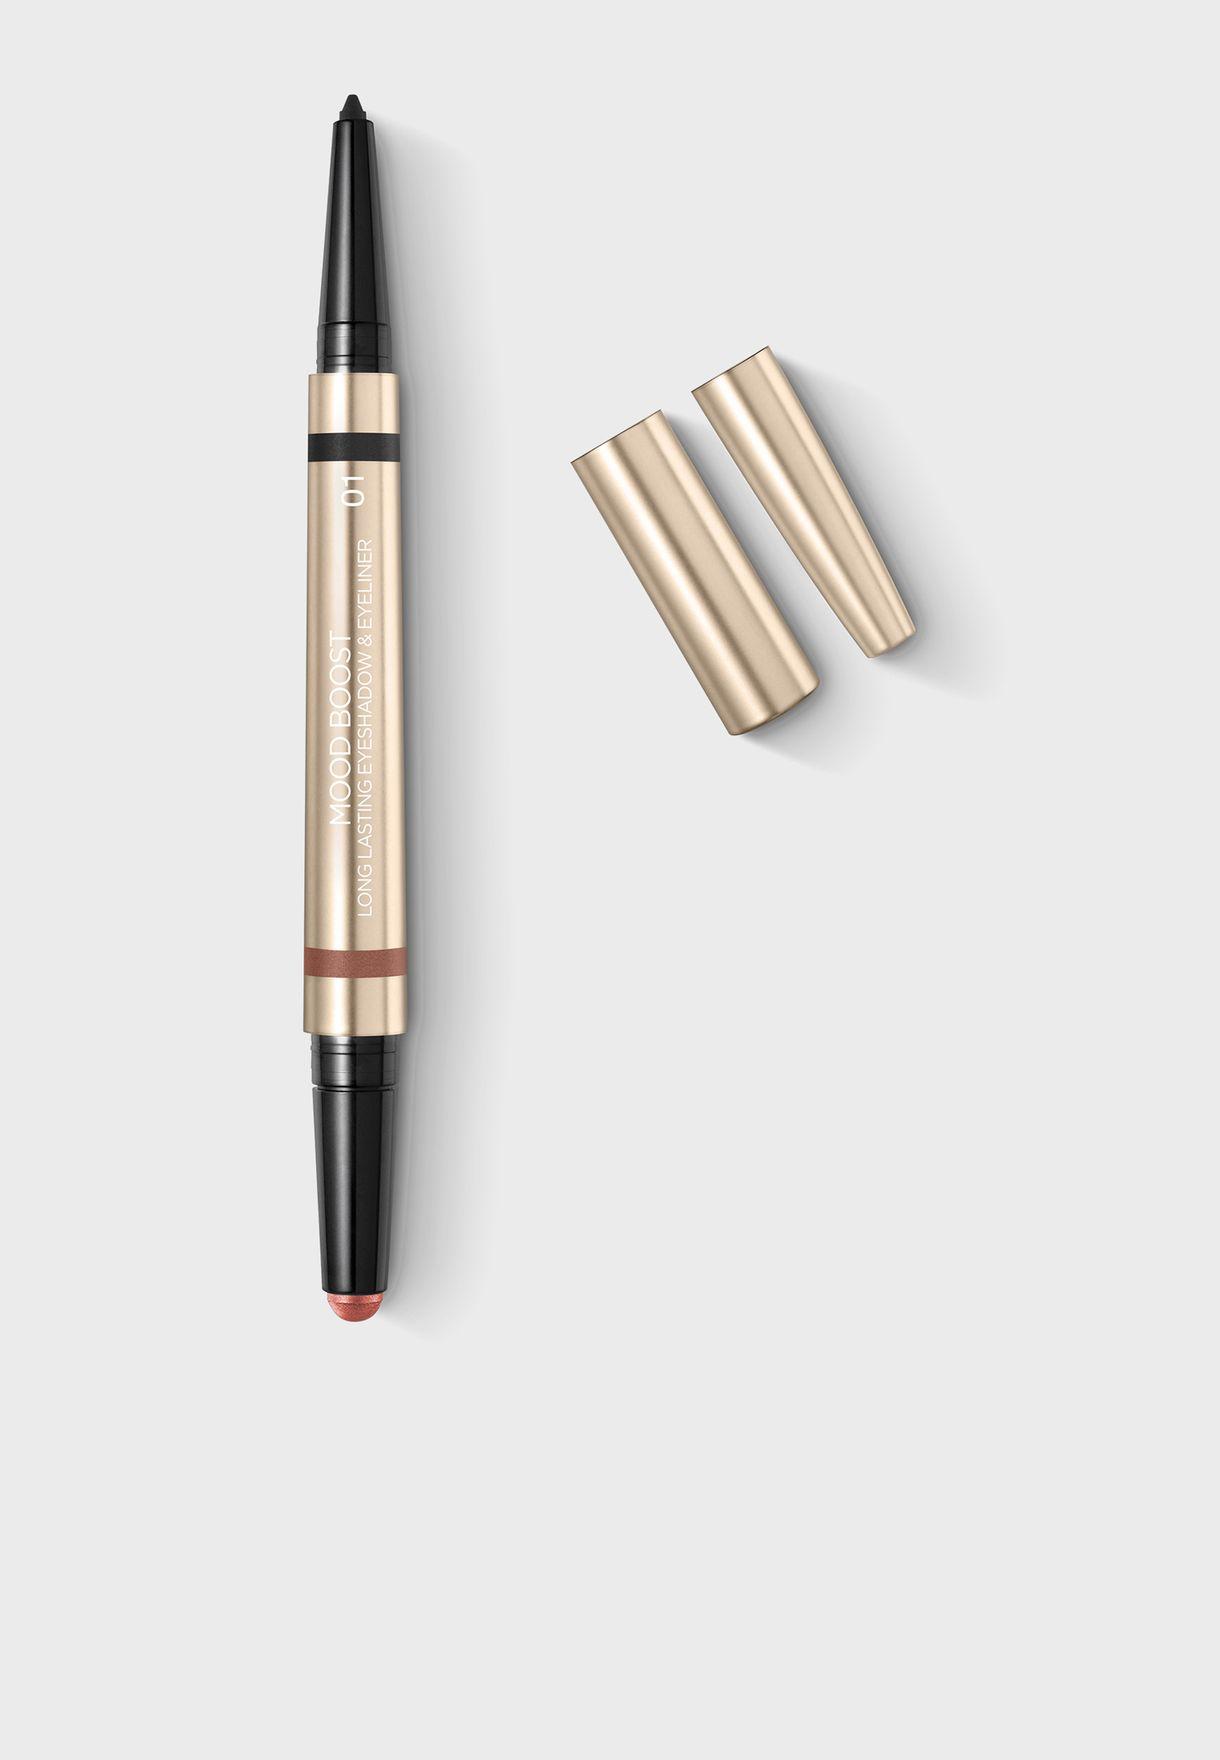 Long Lasting Eyeshadow & Eyeliner - Black&Coral Bronze